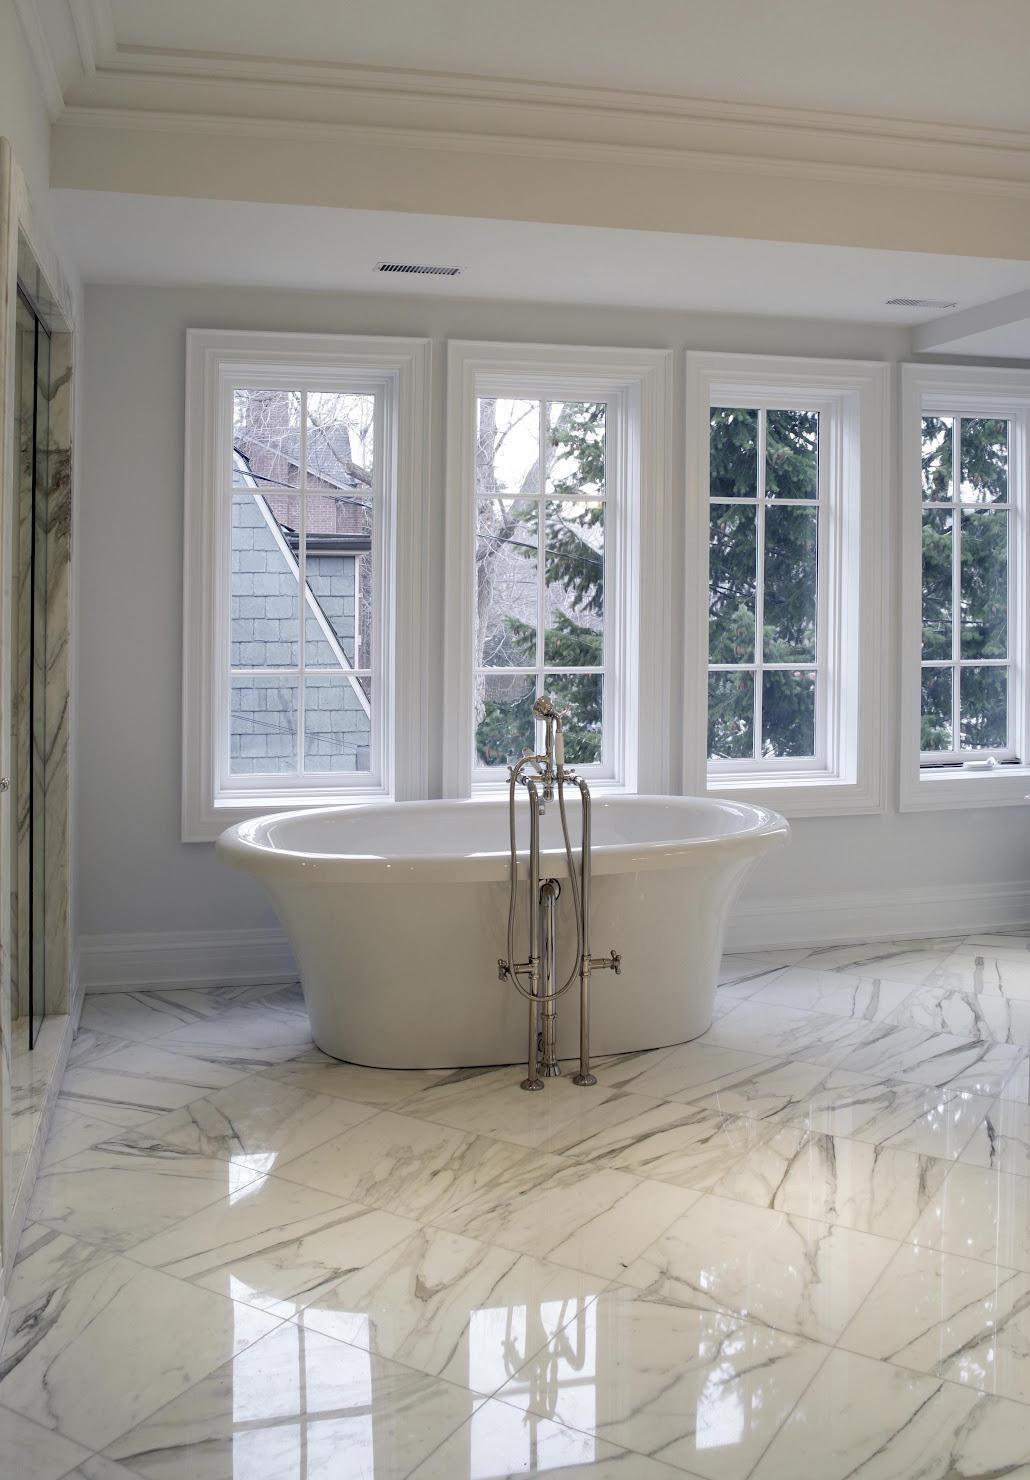 Cleaning Marble Floors In Bathroom